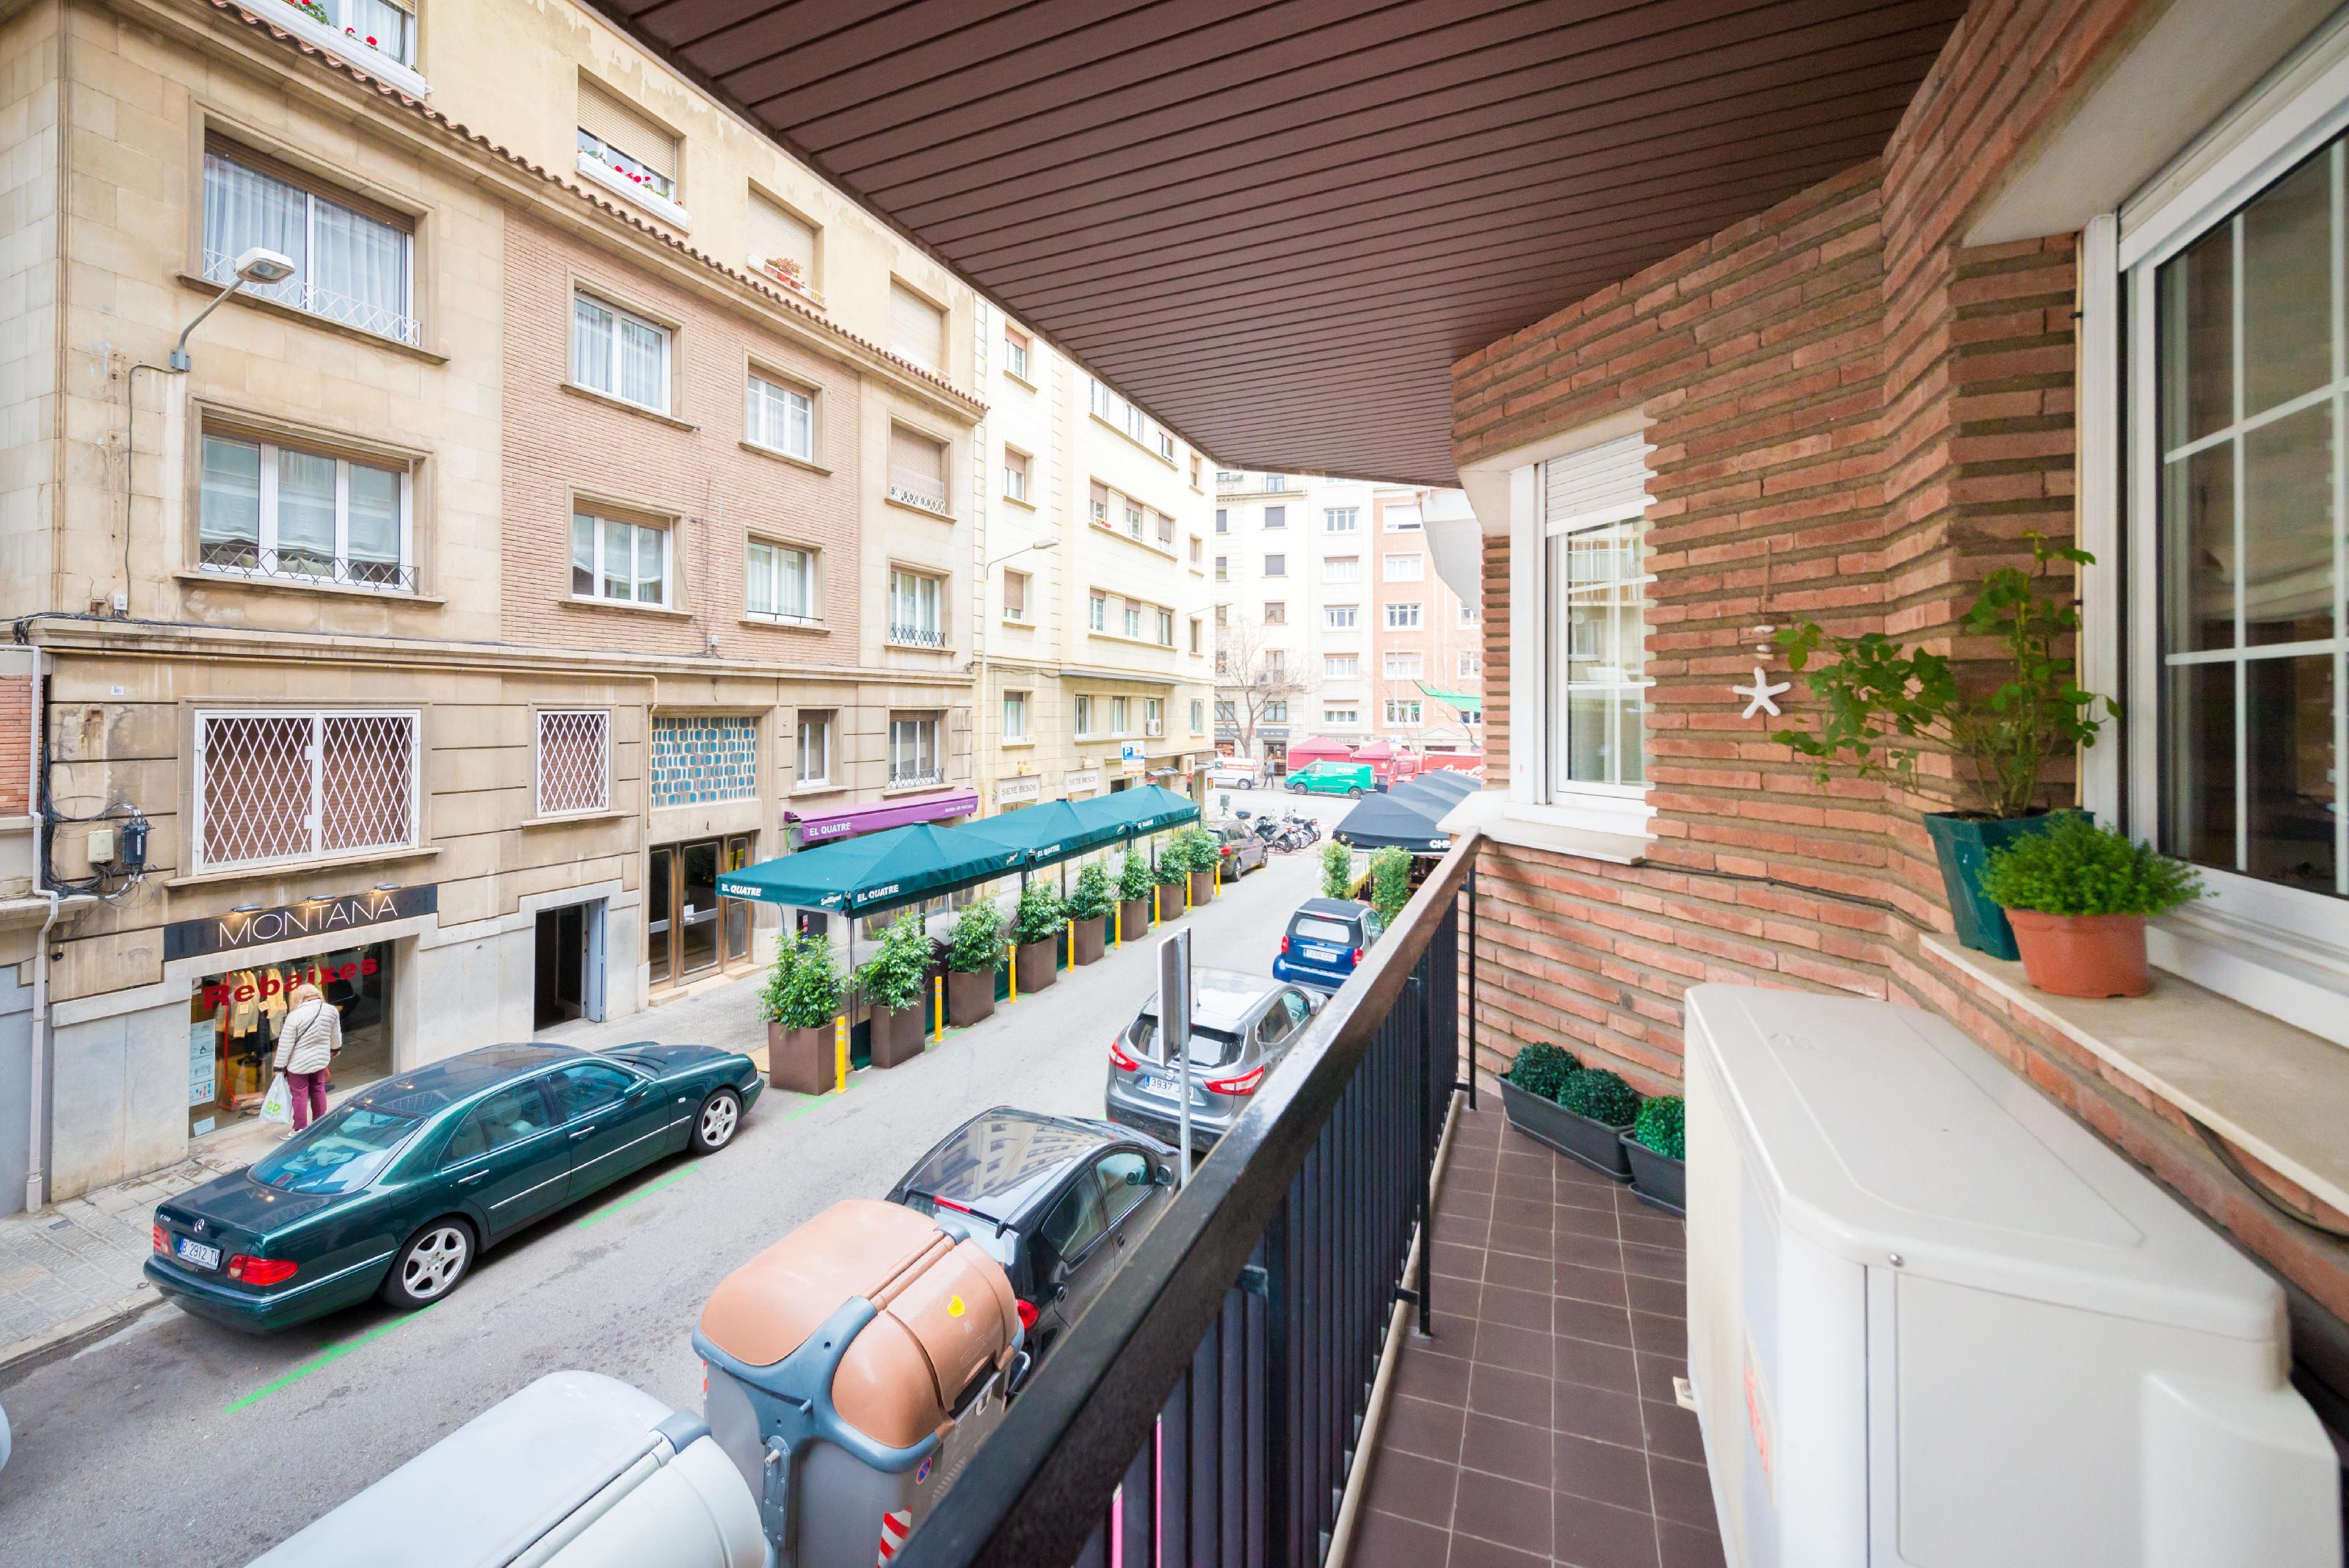 246091 Flat for sale in Sarrià-Sant Gervasi, St. Gervasi-Bonanova 30